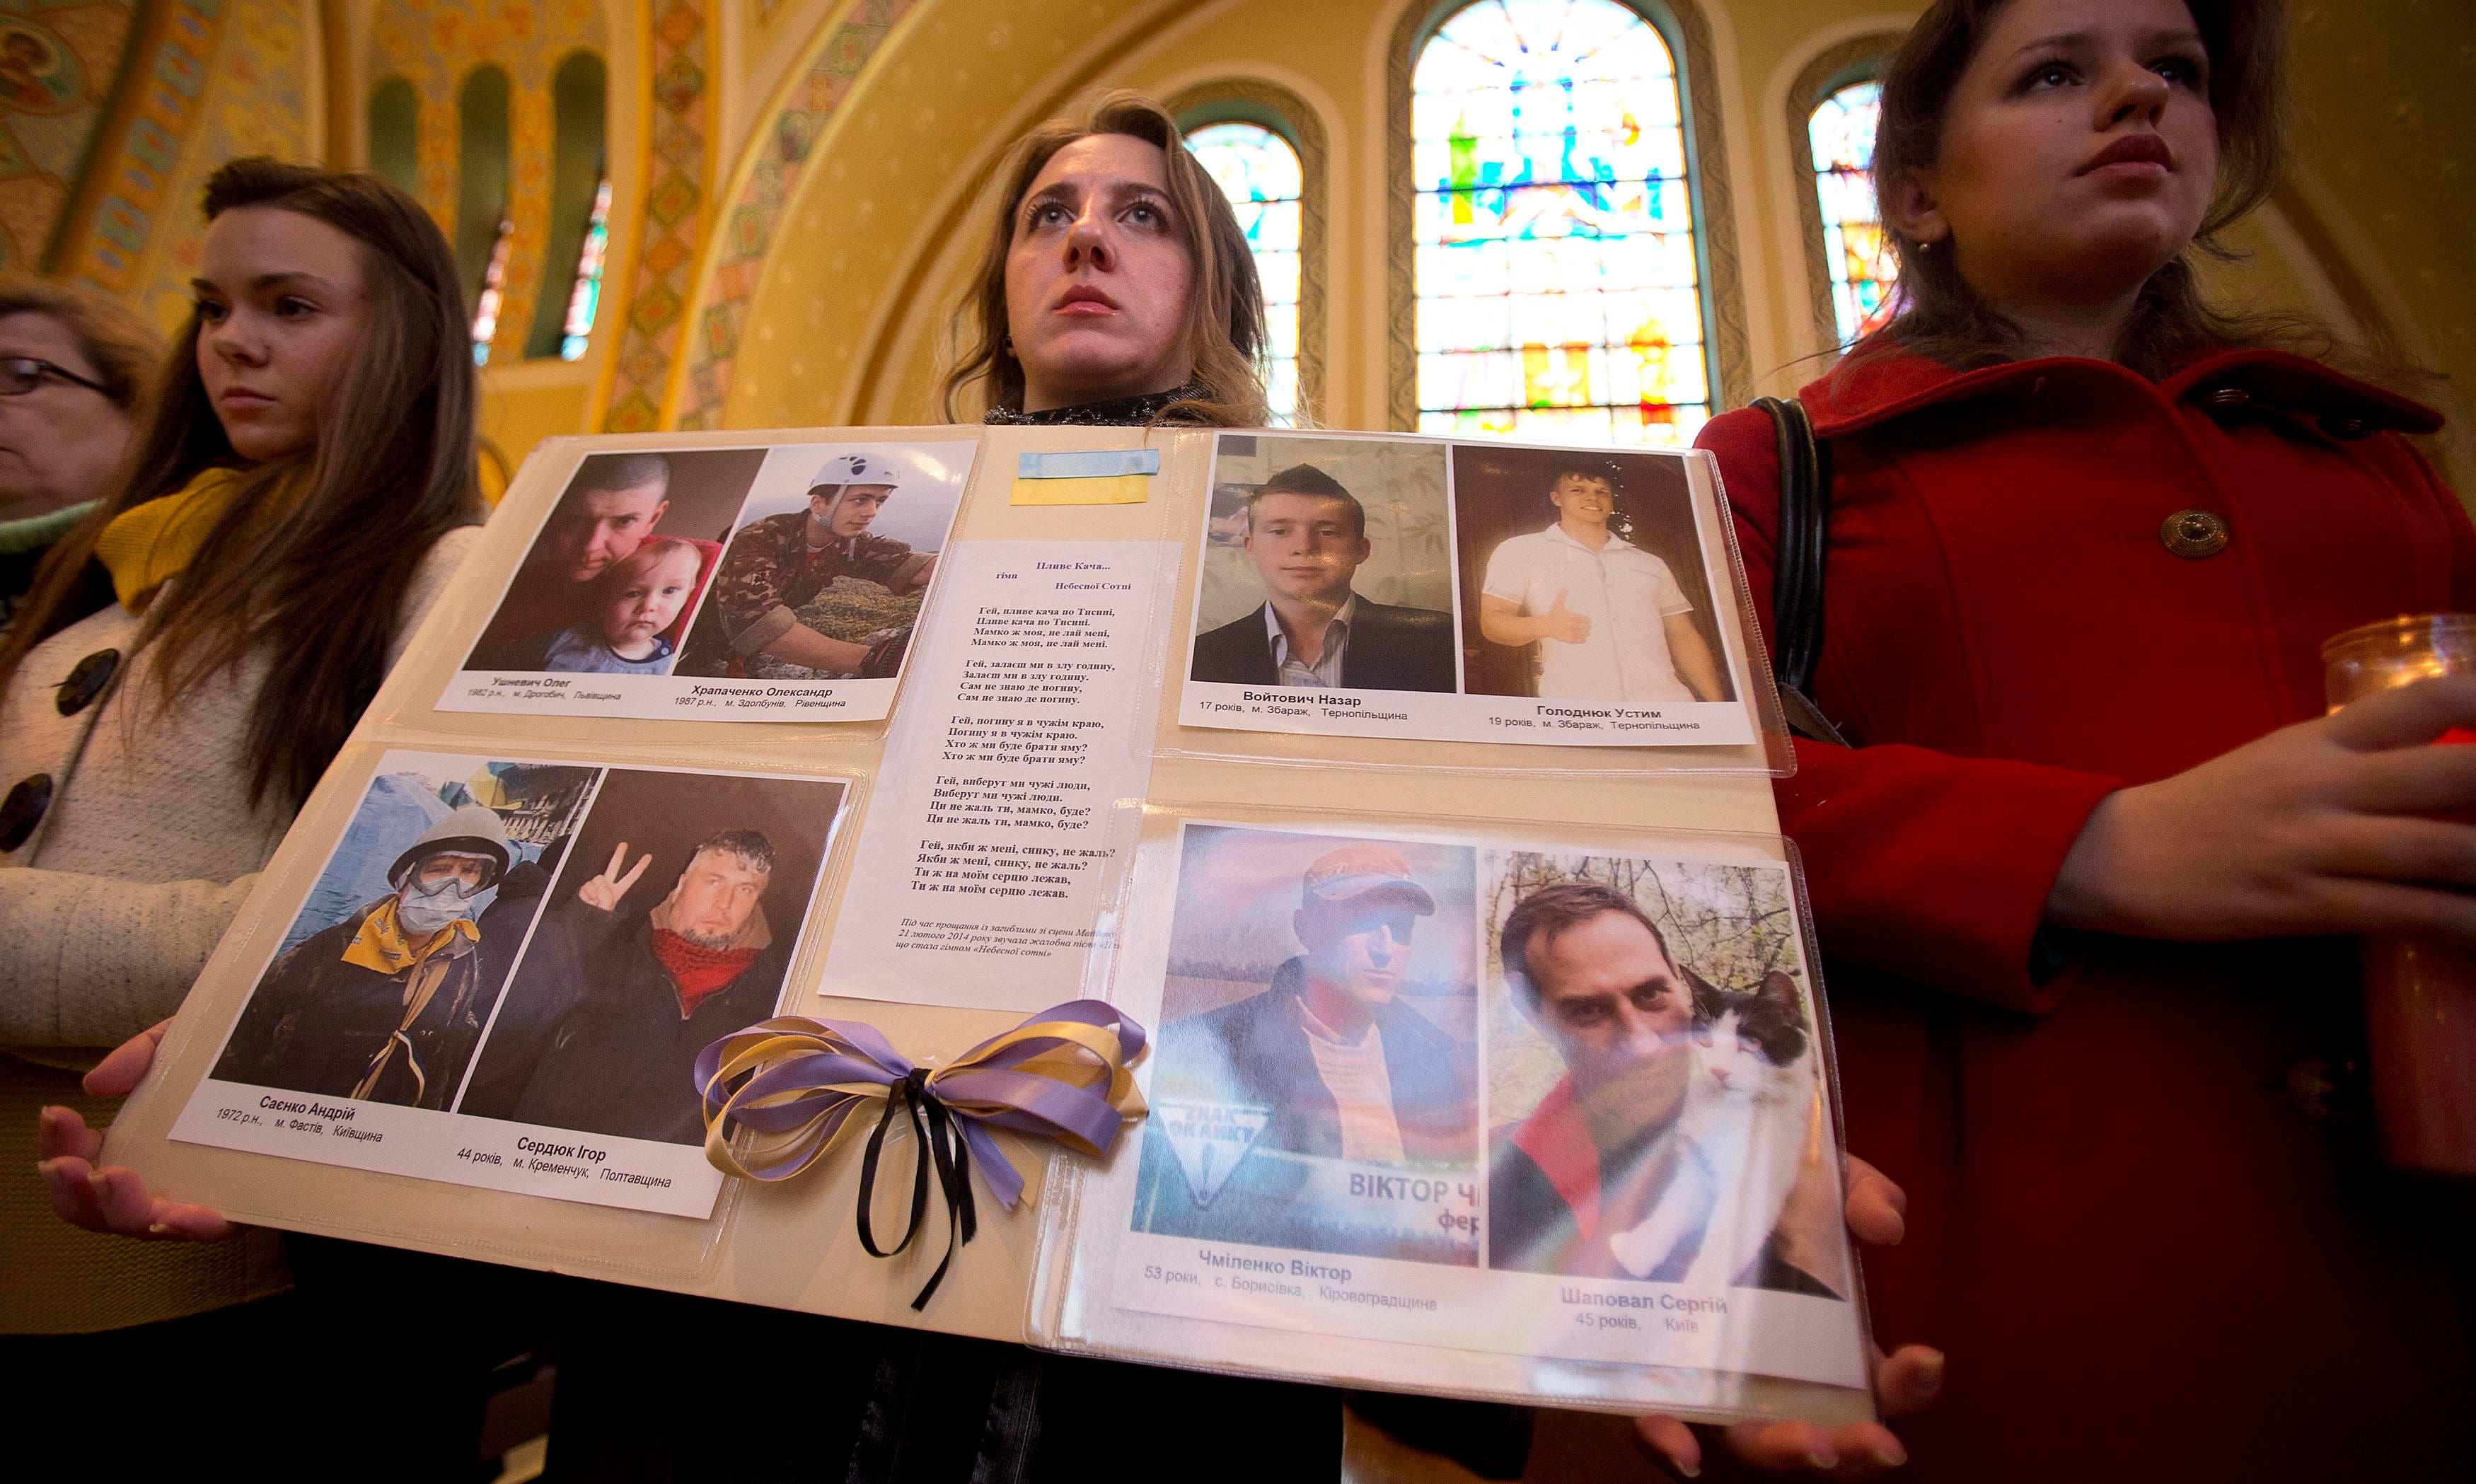 اهالي ضحايا الاشتباكات بين قوات الامن والمعارضين يرفعون صورهم في كنيسة في اوكرانيا